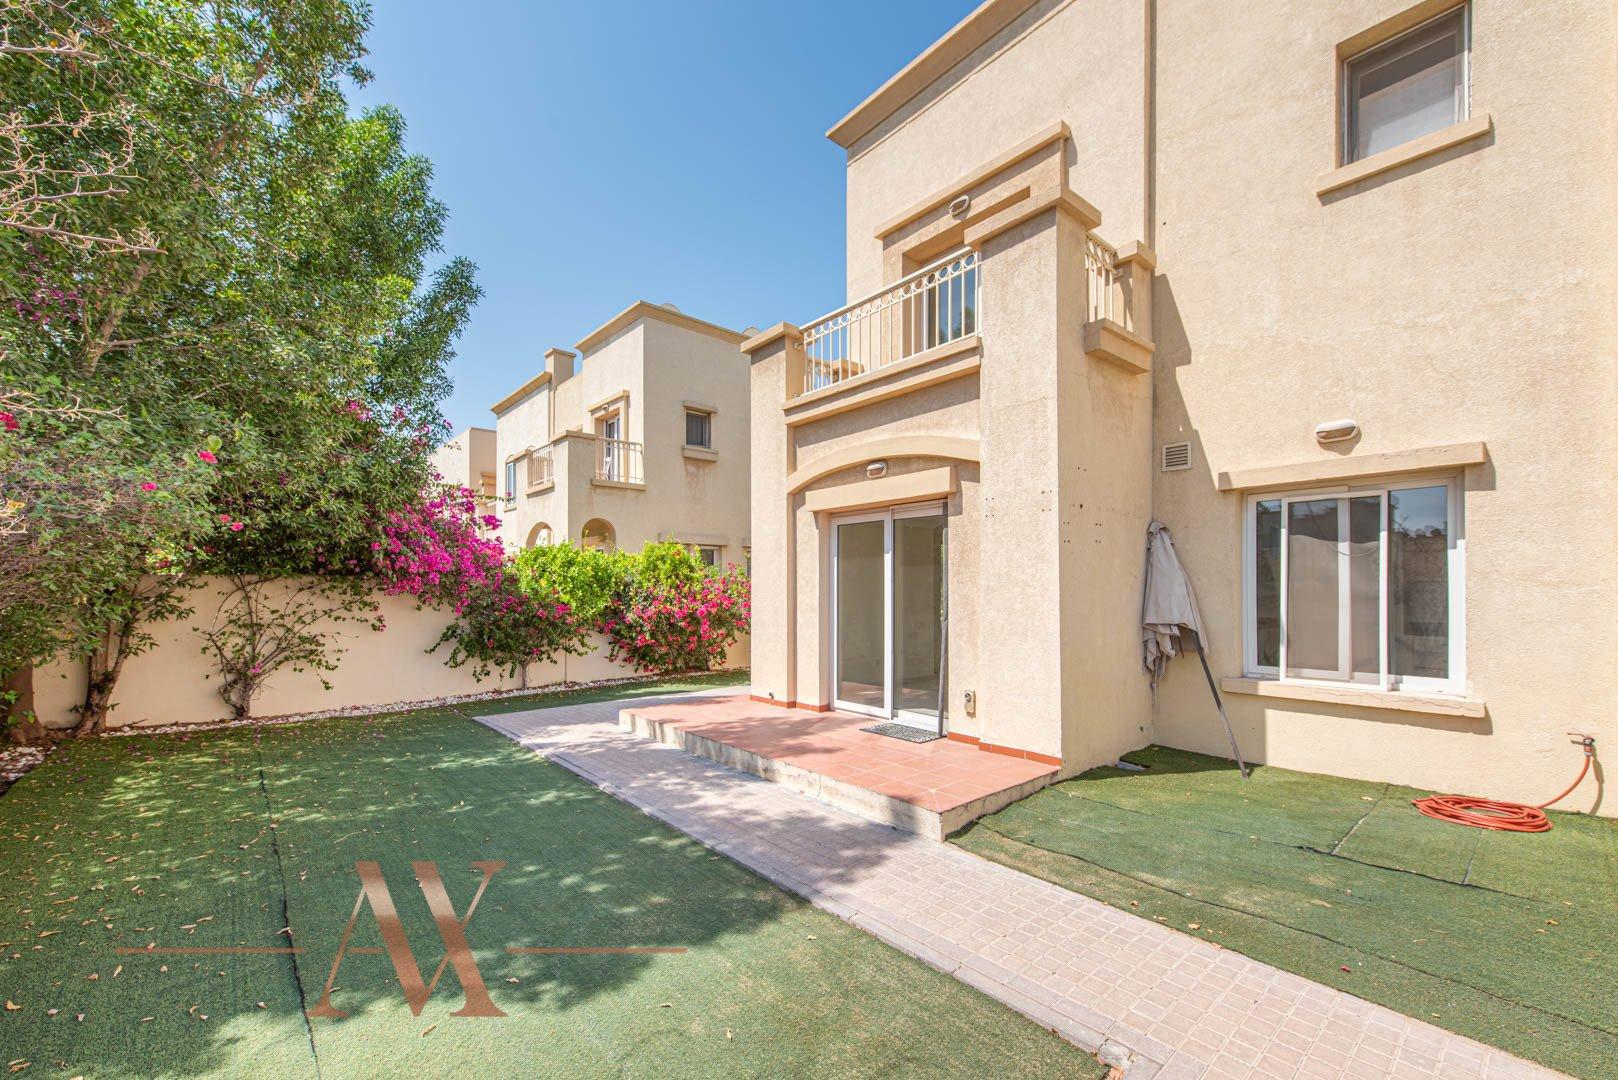 Villa for sale in Dubai, UAE, 2 bedrooms, 157 m2, No. 23801 – photo 1